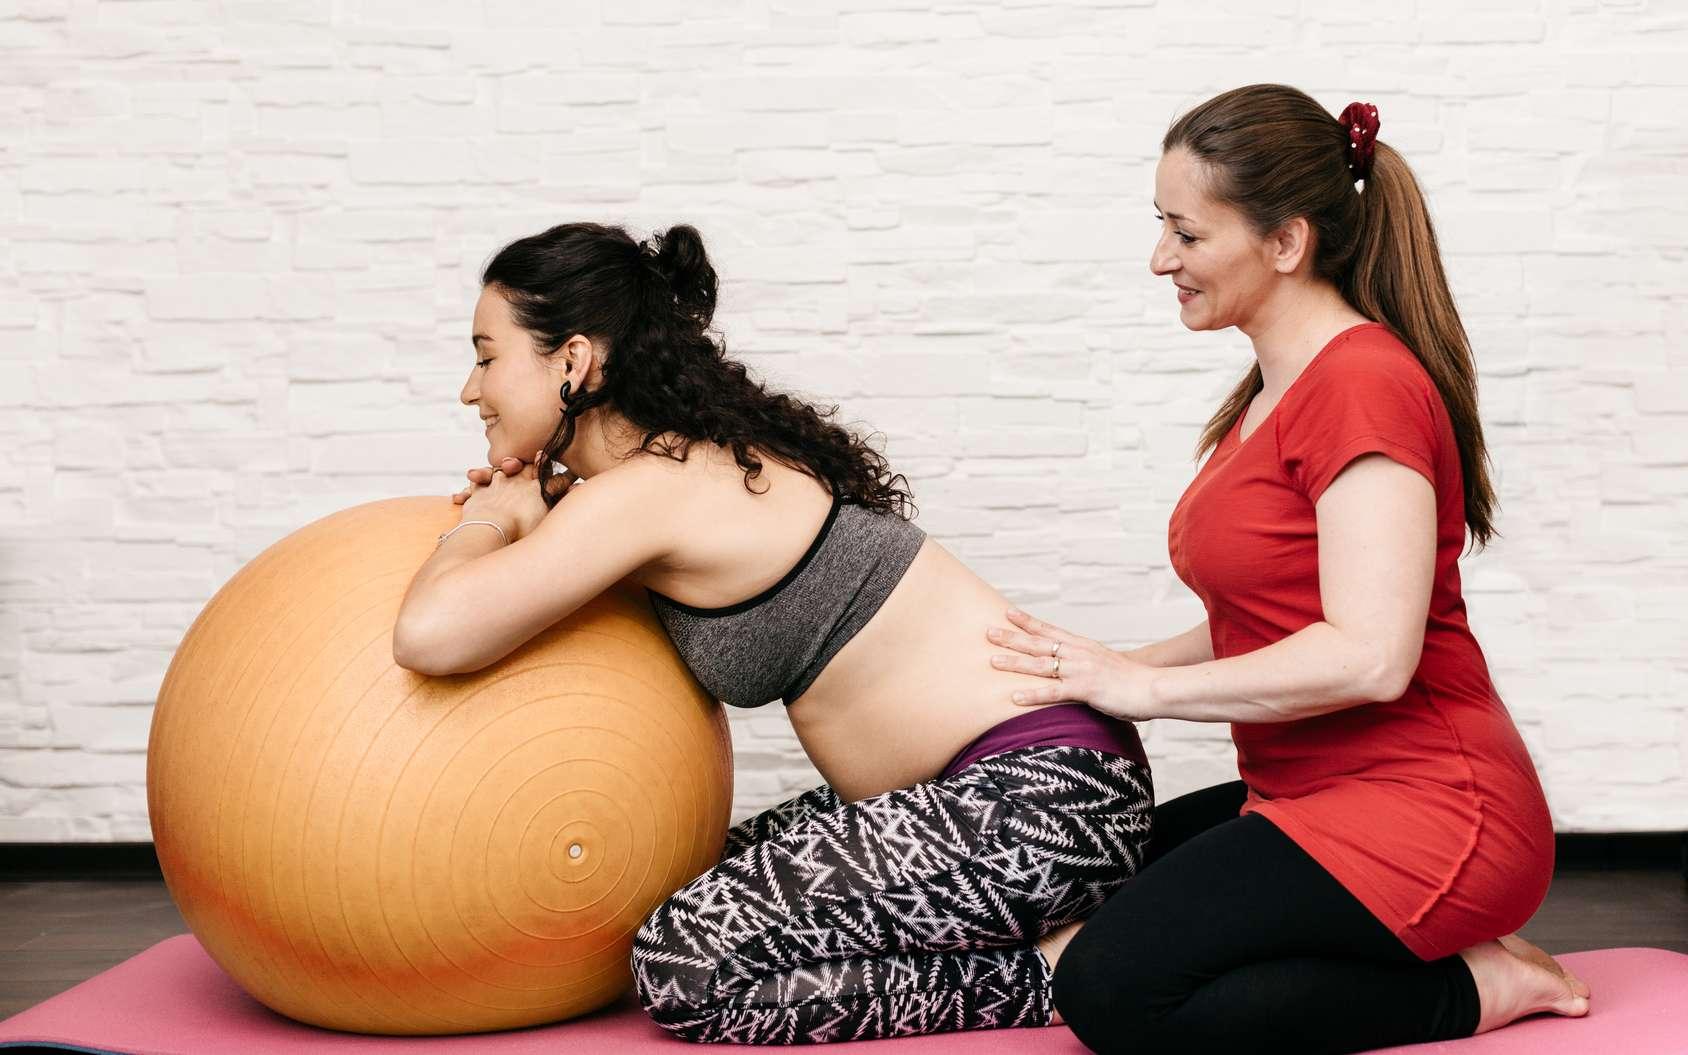 Une des missions de la sage-femme est de proposer des cours de préparation à l'accouchement ou des séances de yoga afin d'aider la maman dans les derniers moments de grossesse. © Newman Studio, Fotolia.